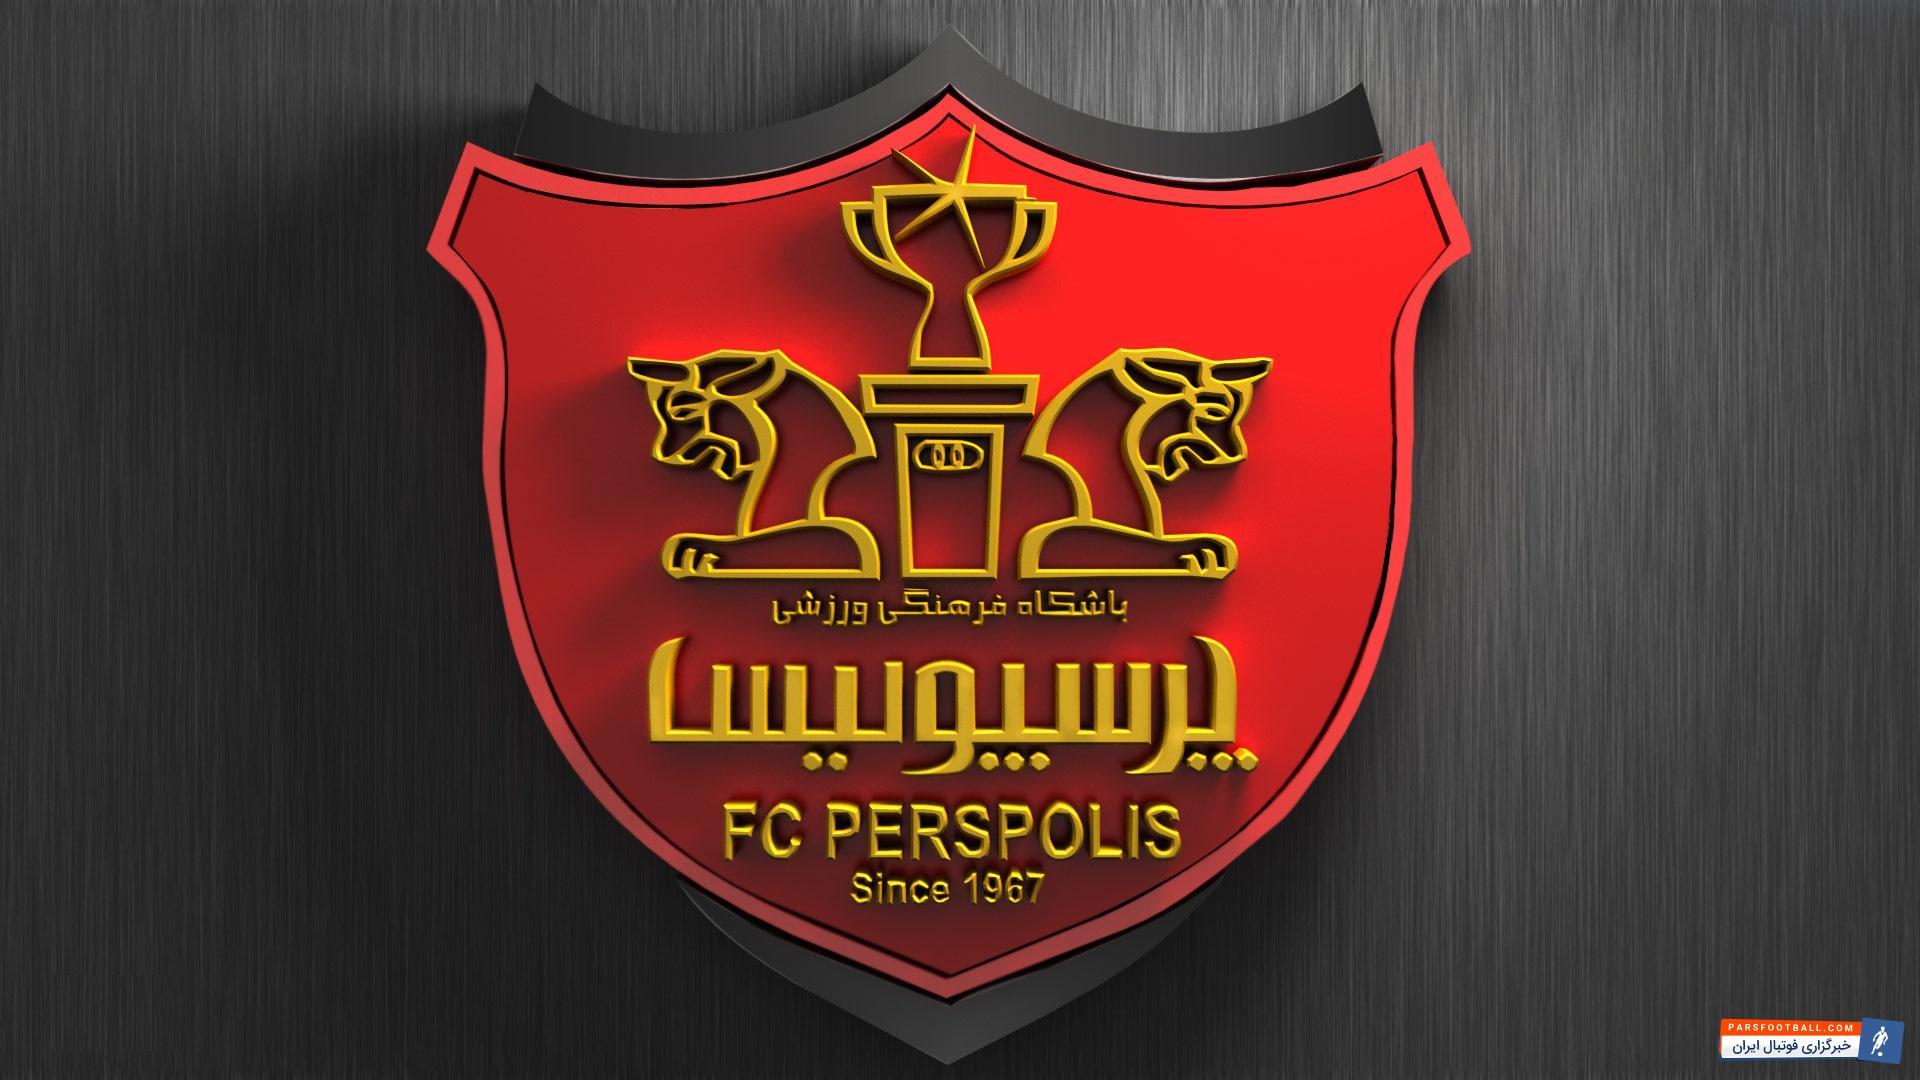 ورزشگاه میزبان دیدار پرسپولیس و الاهلی عربستان مشخص شد ؛ پارس فوتبال